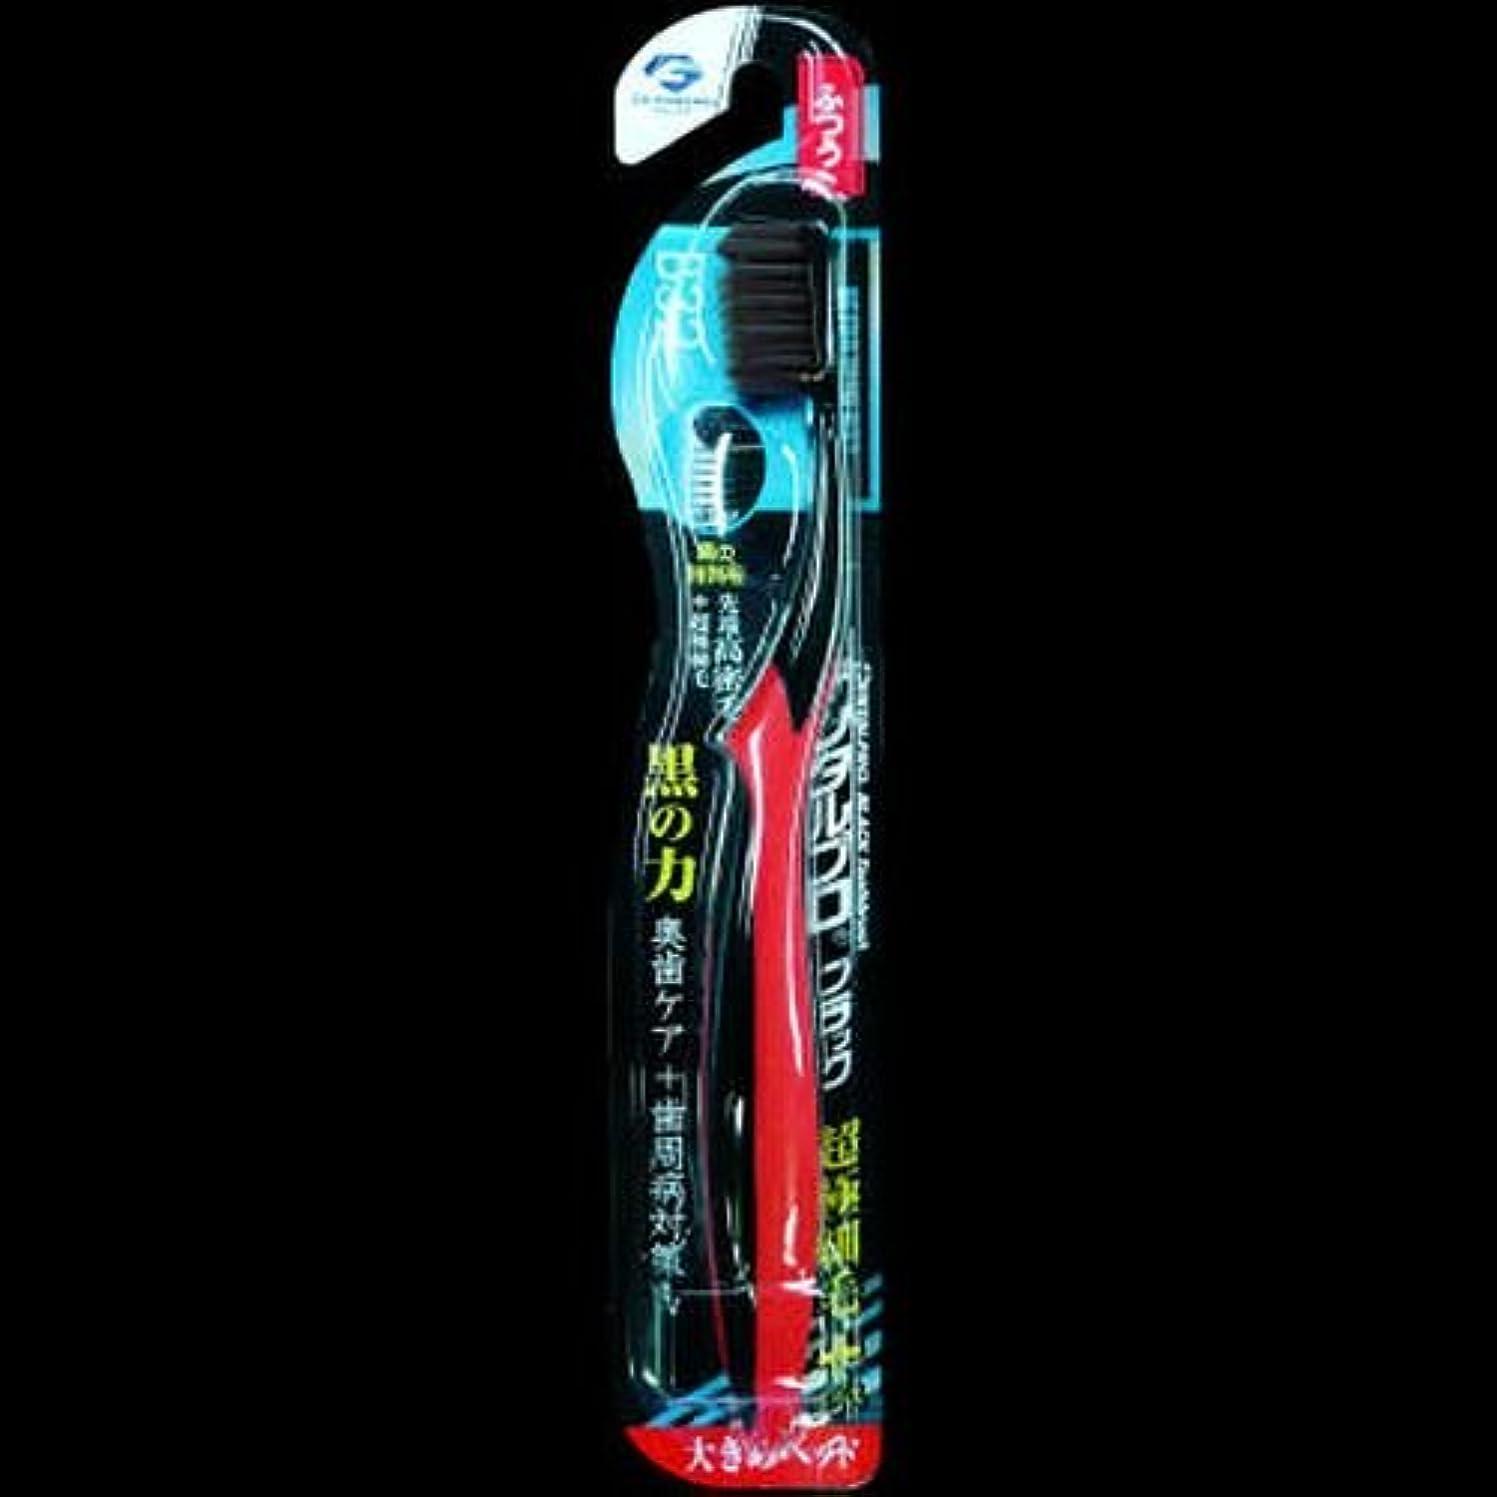 扱うダッシュフレキシブルデンタルプロ ブラック歯ブラシ 超極細毛プラス大きめヘッド ふつう ×2セット